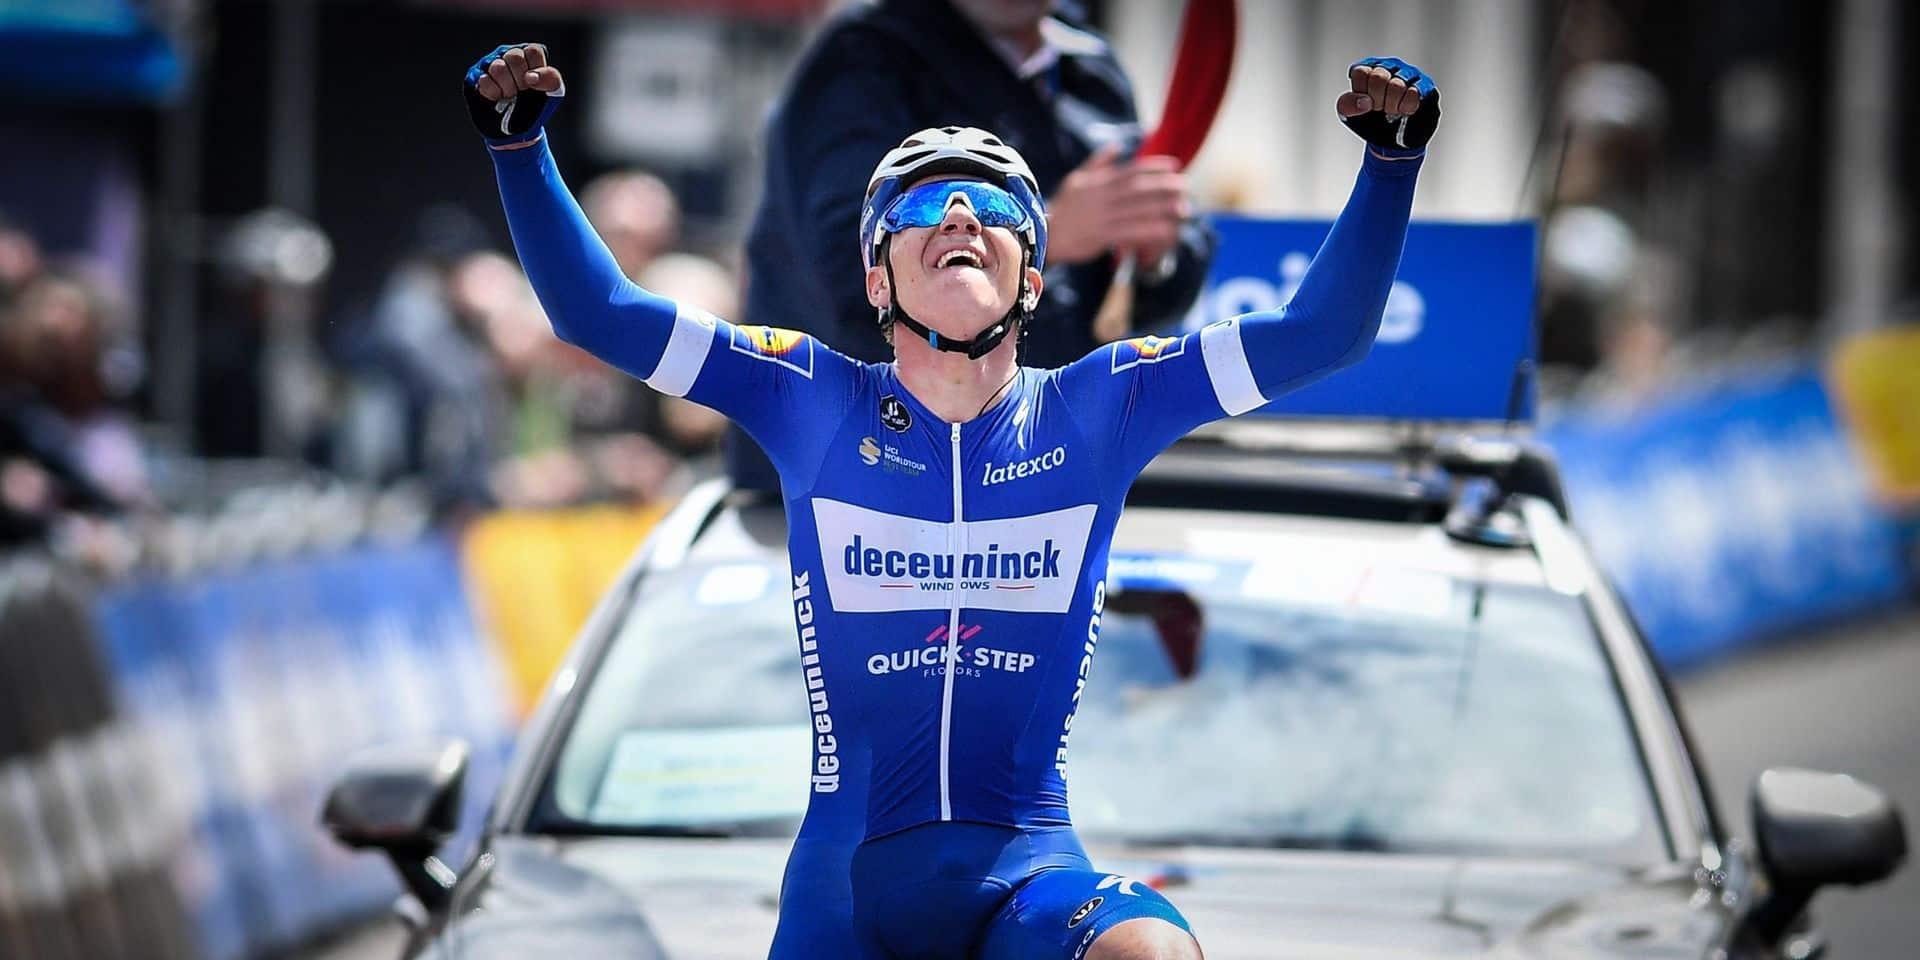 Baloise Belgium Tour : Le parcours complet est connu pour l'épreuve en juin